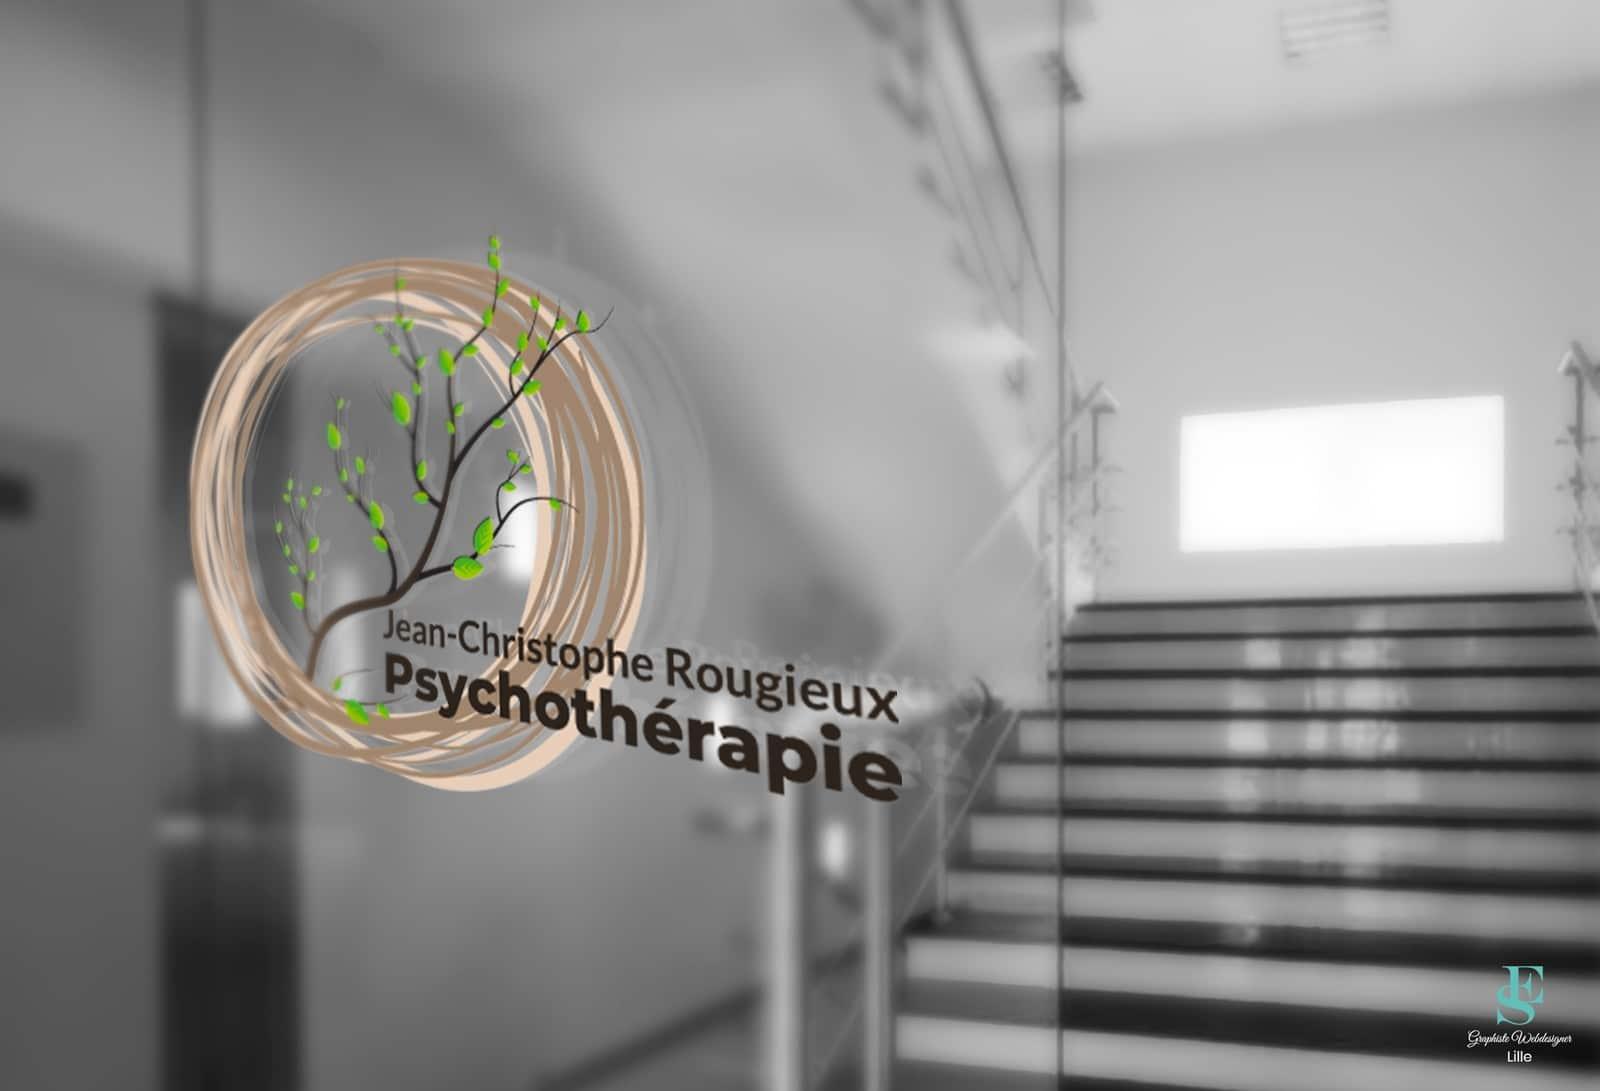 Logo Jean-Christophe Rougieux, psychothérapeute